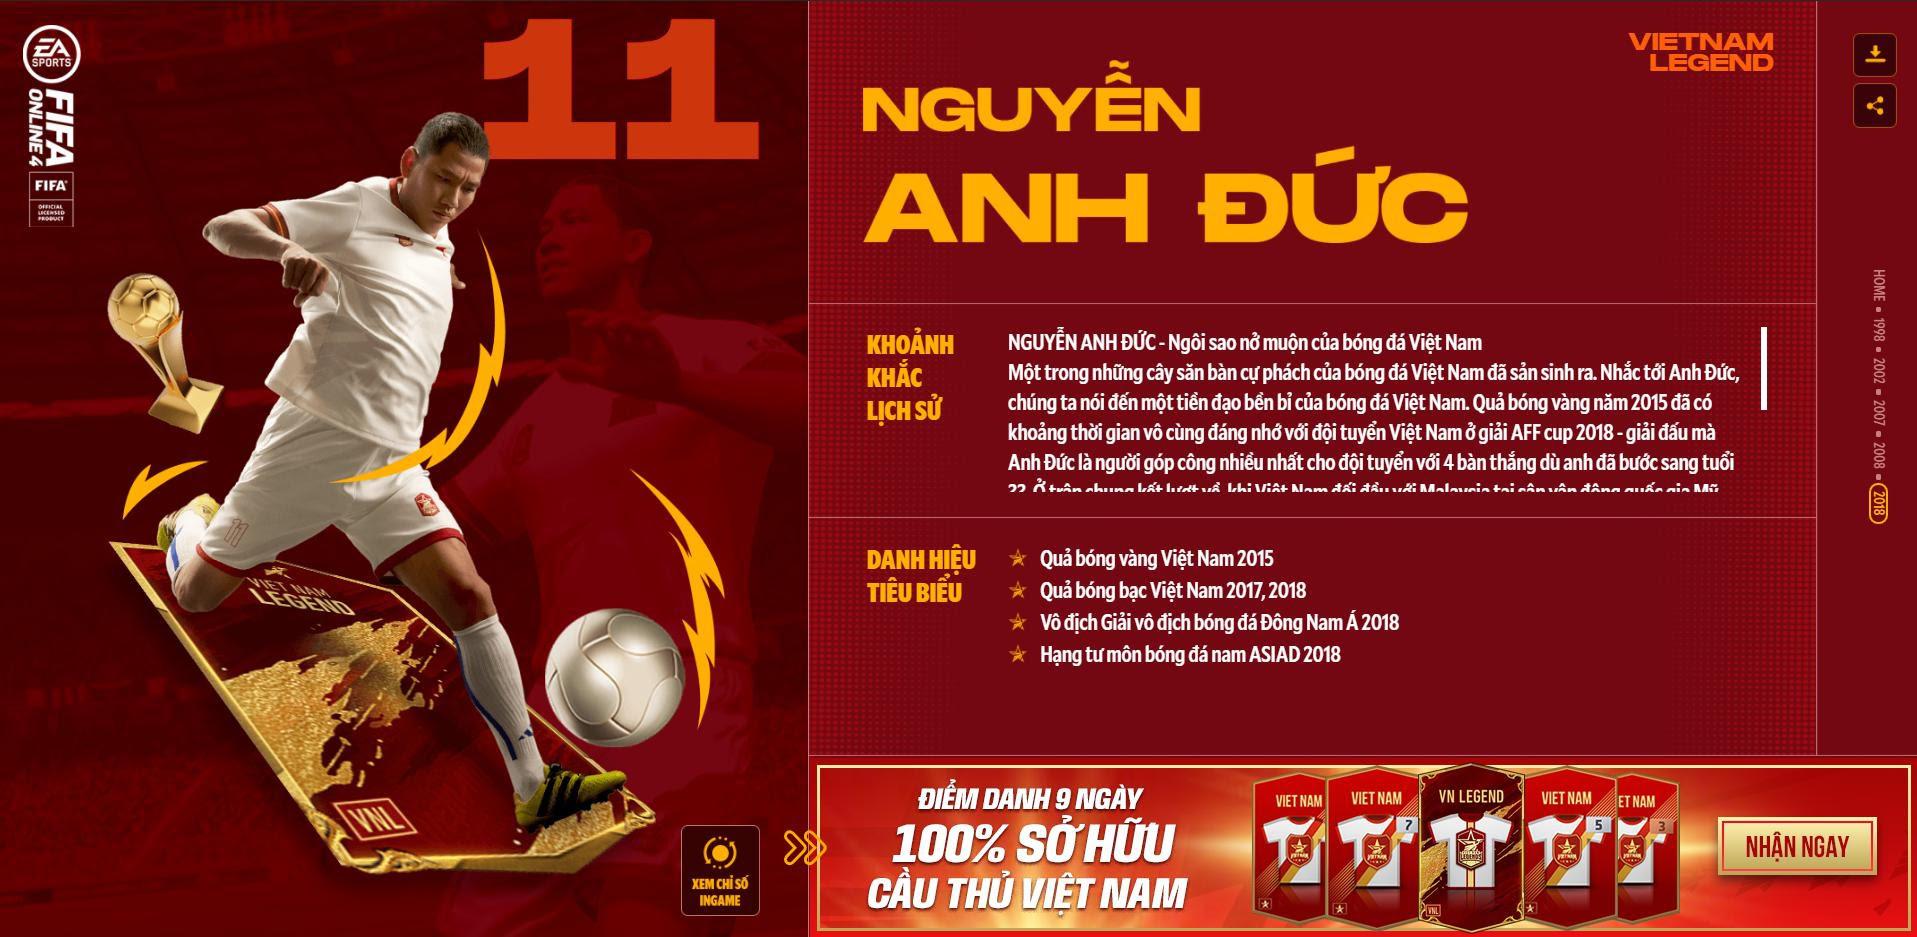 Các huyền thoại bóng đá Việt Nam bất ngờ xuất hiện trong Fifa Online 4 - Ảnh 9.